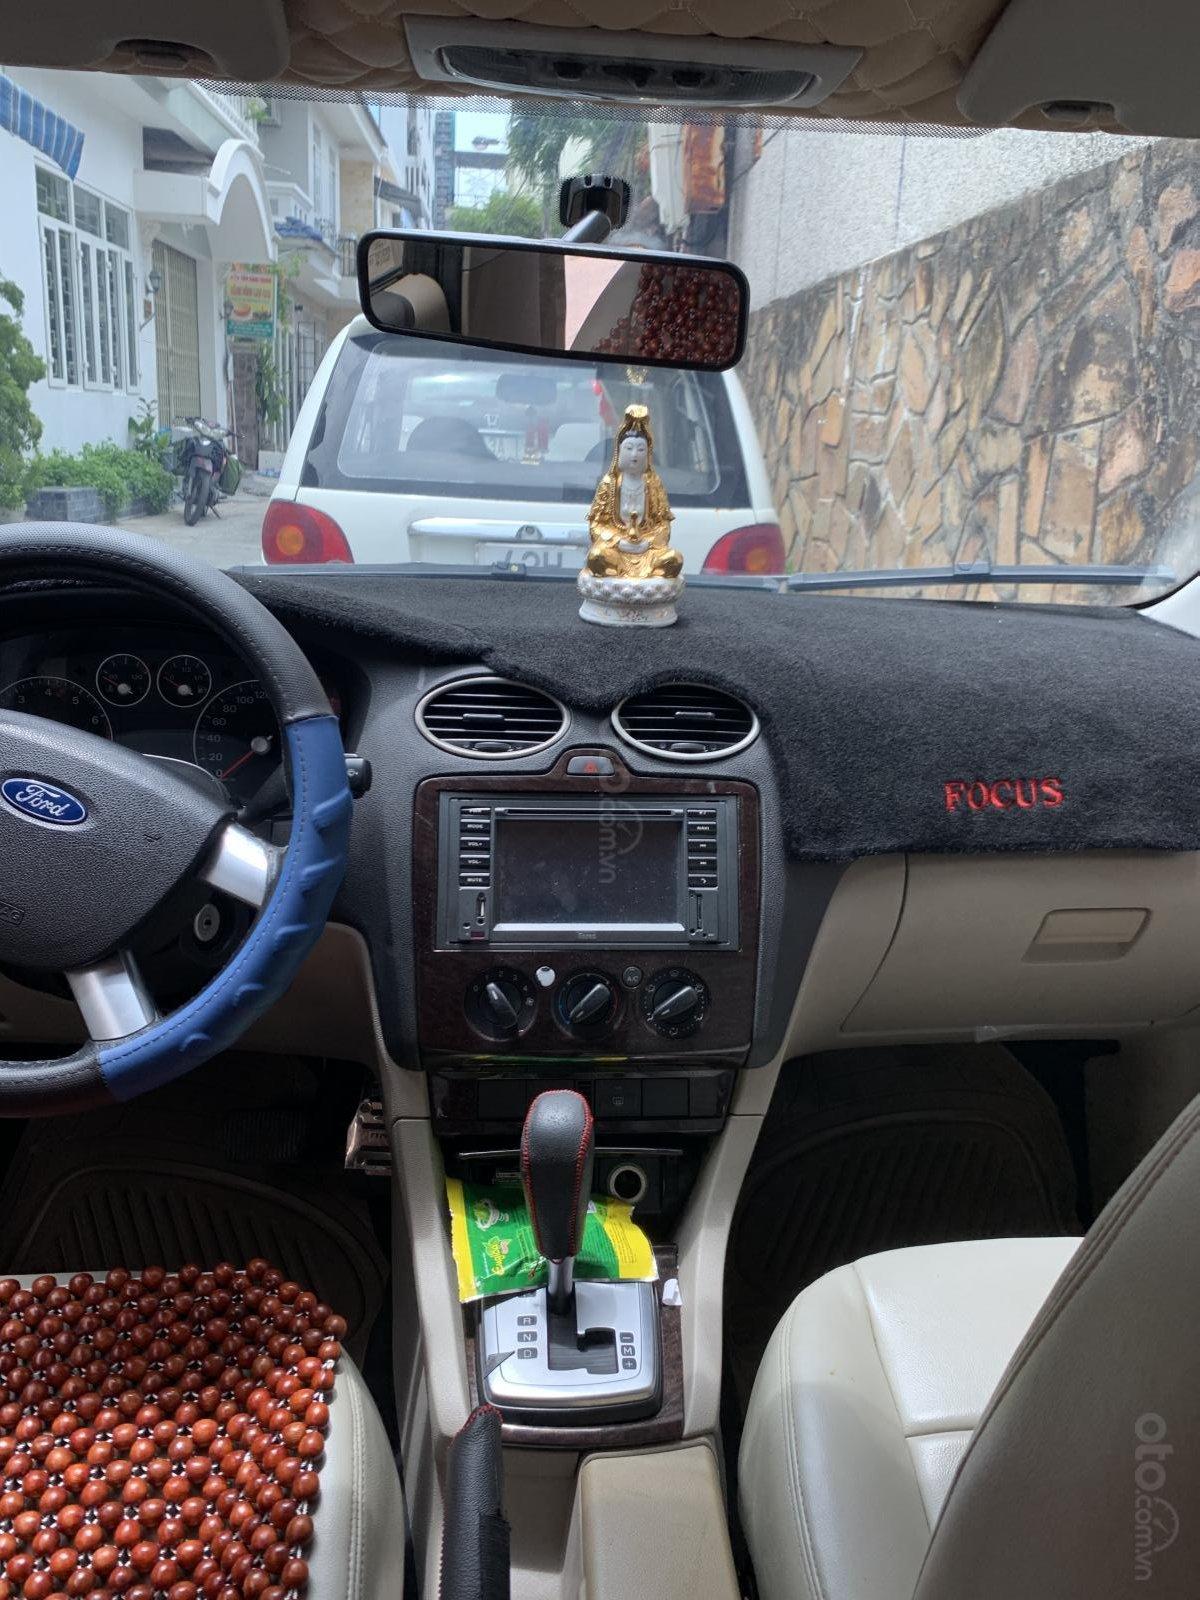 Bán Ford Focus số tự động, đăng kí lần đầu tháng 10/2007